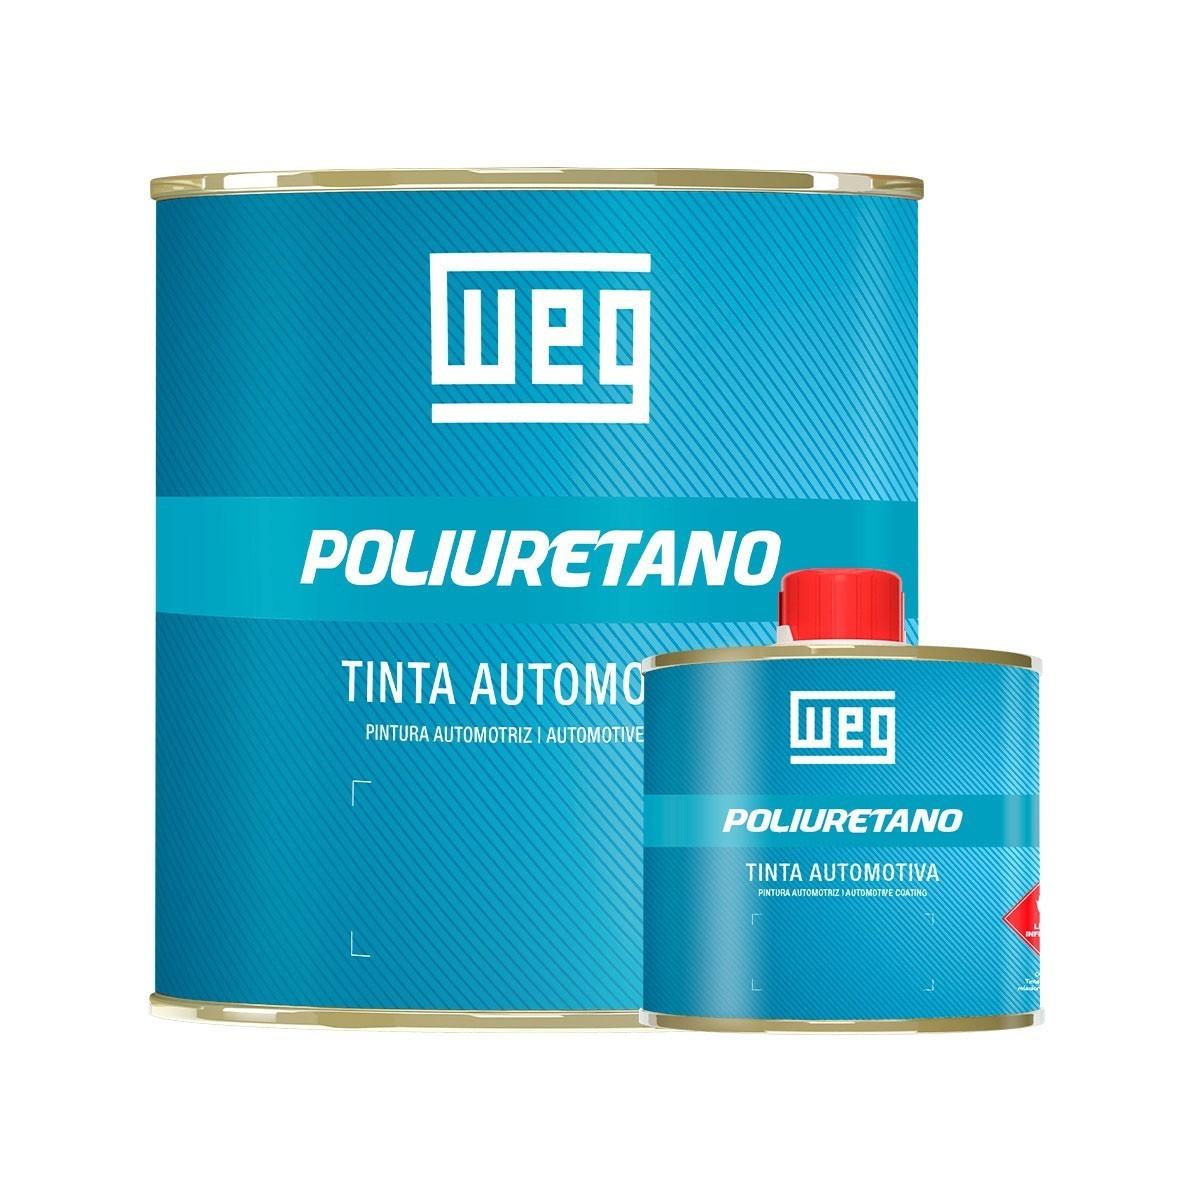 TINTA POLIURETANO PRETO CADILAC   2,7 L